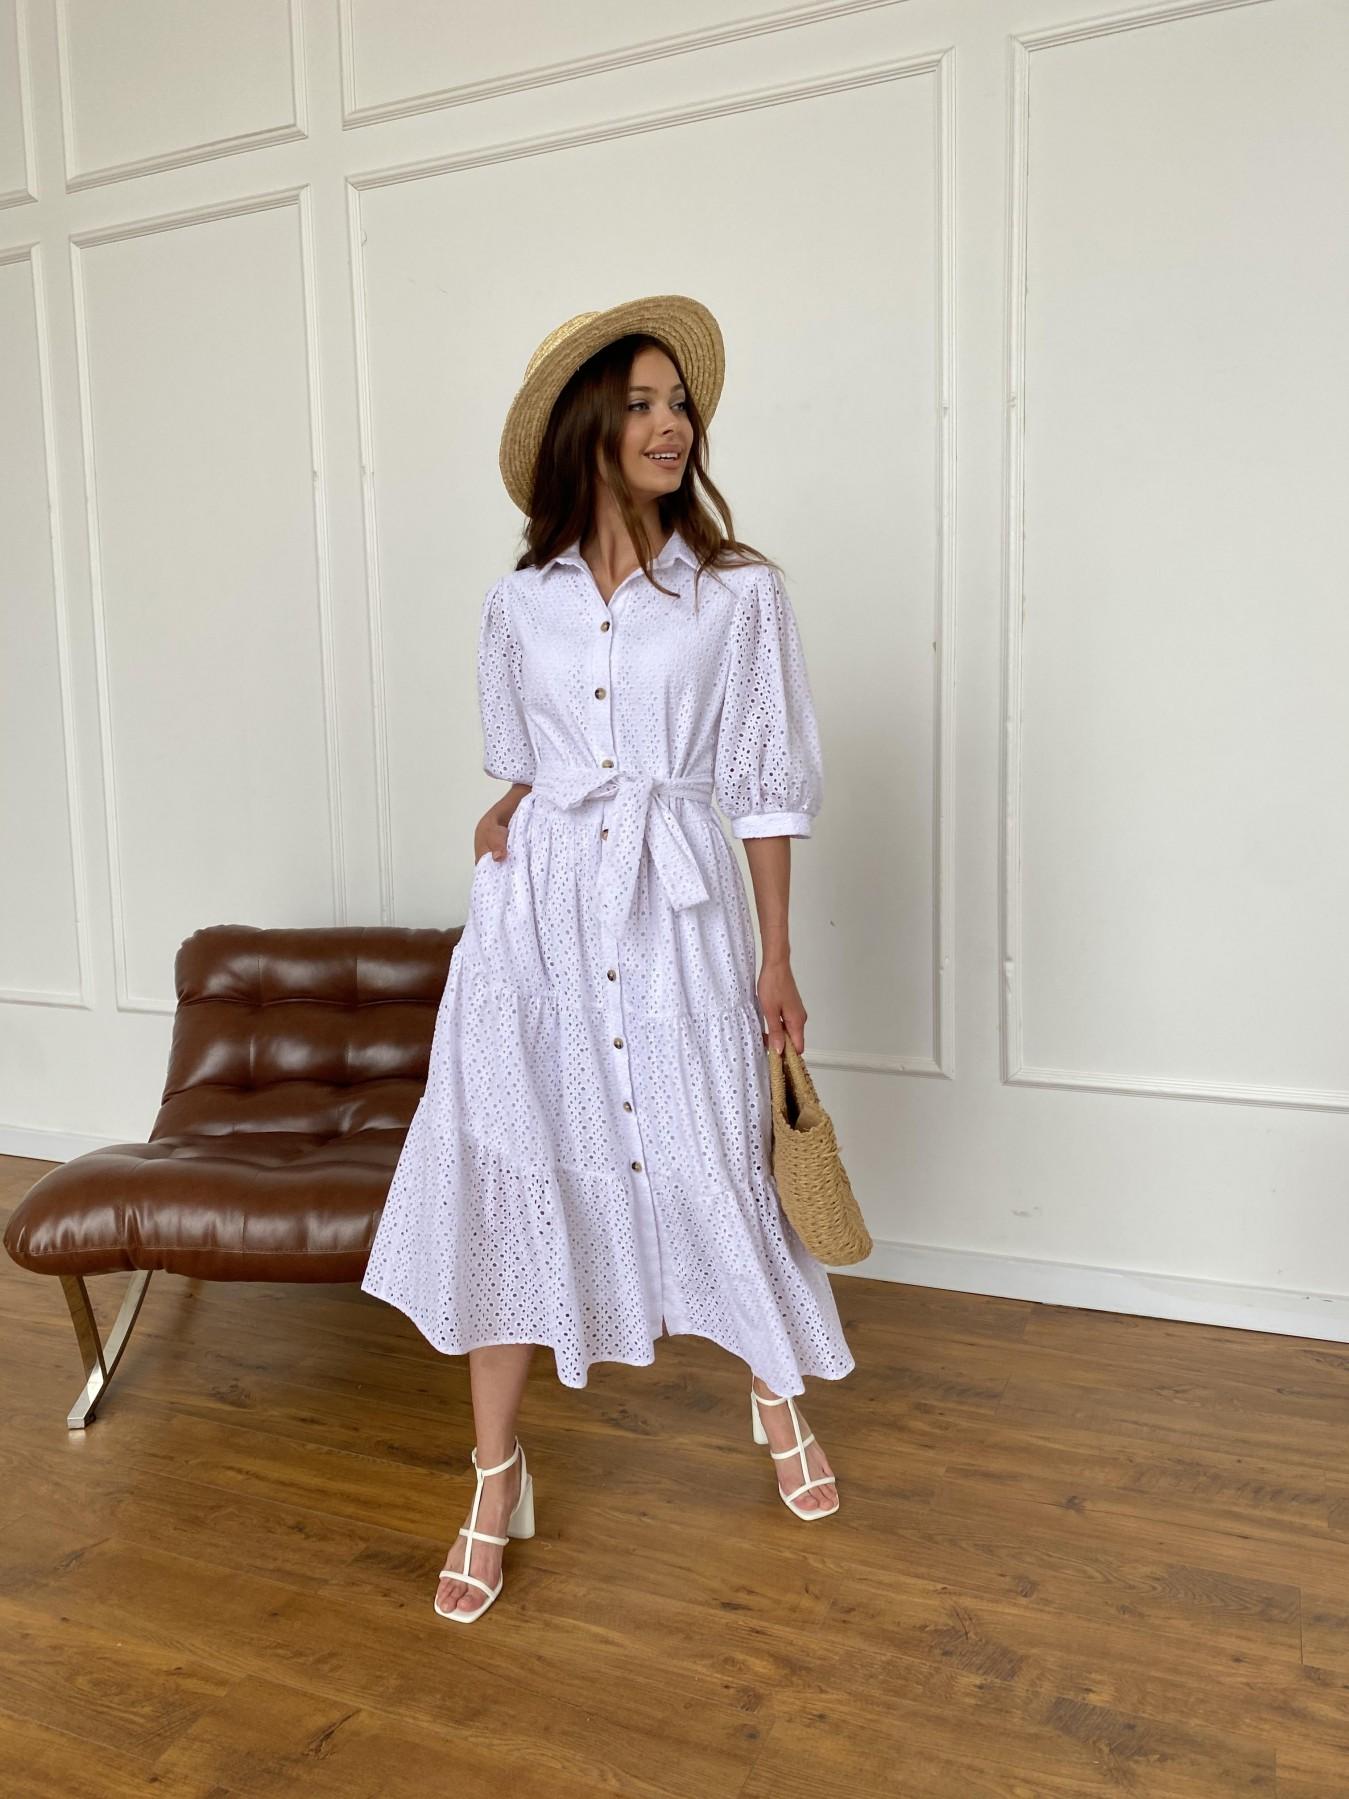 Коста Бланка платье с коротким рукавом из прошвы 11359 АРТ. 47966 Цвет: Белый/МелЦветПерфор - фото 12, интернет магазин tm-modus.ru